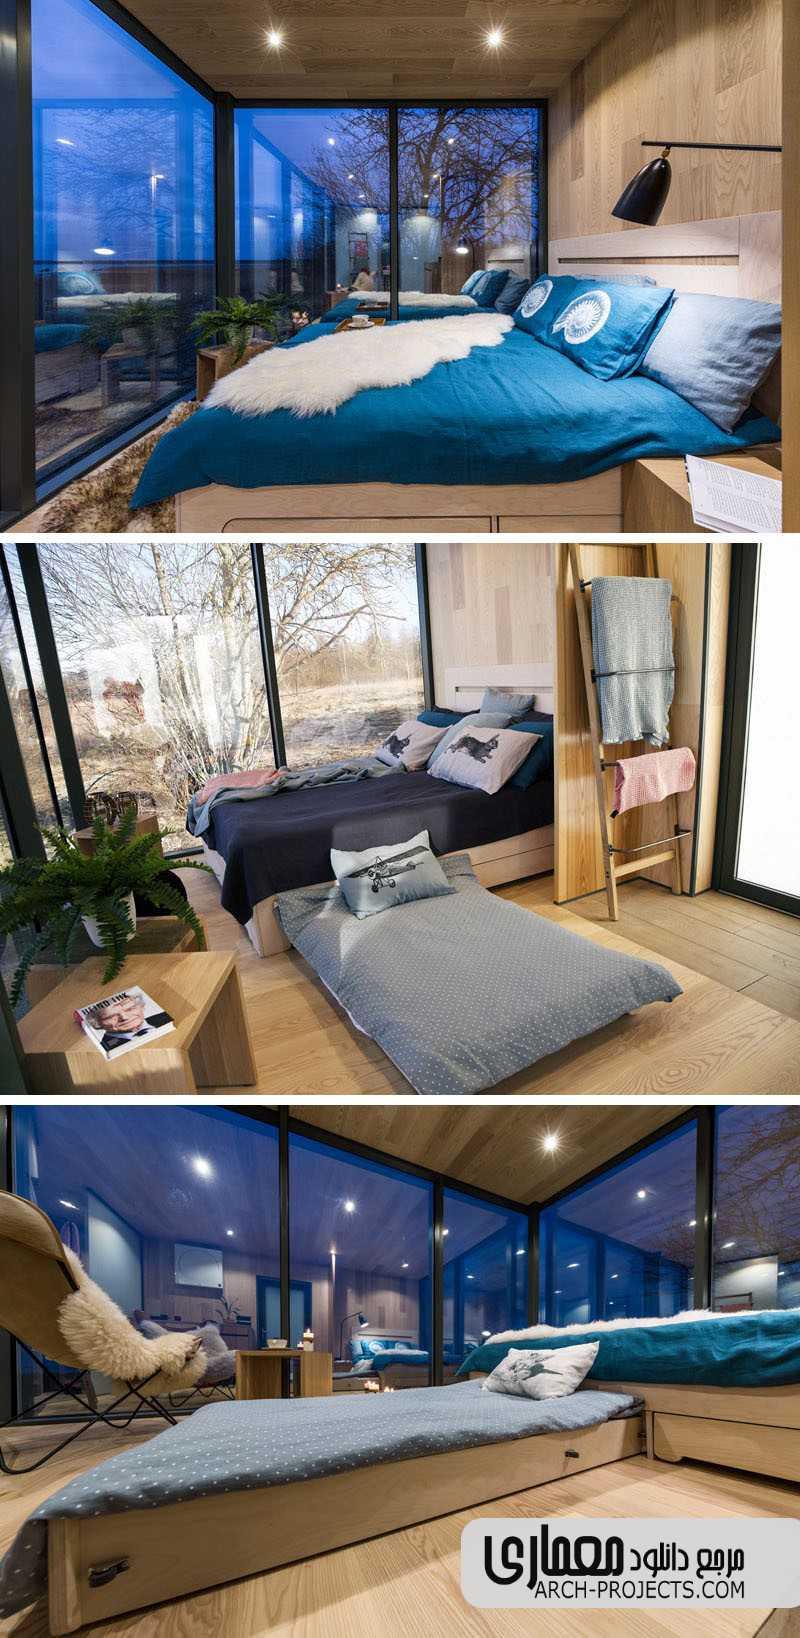 طراحی داخلی خانه مدولار